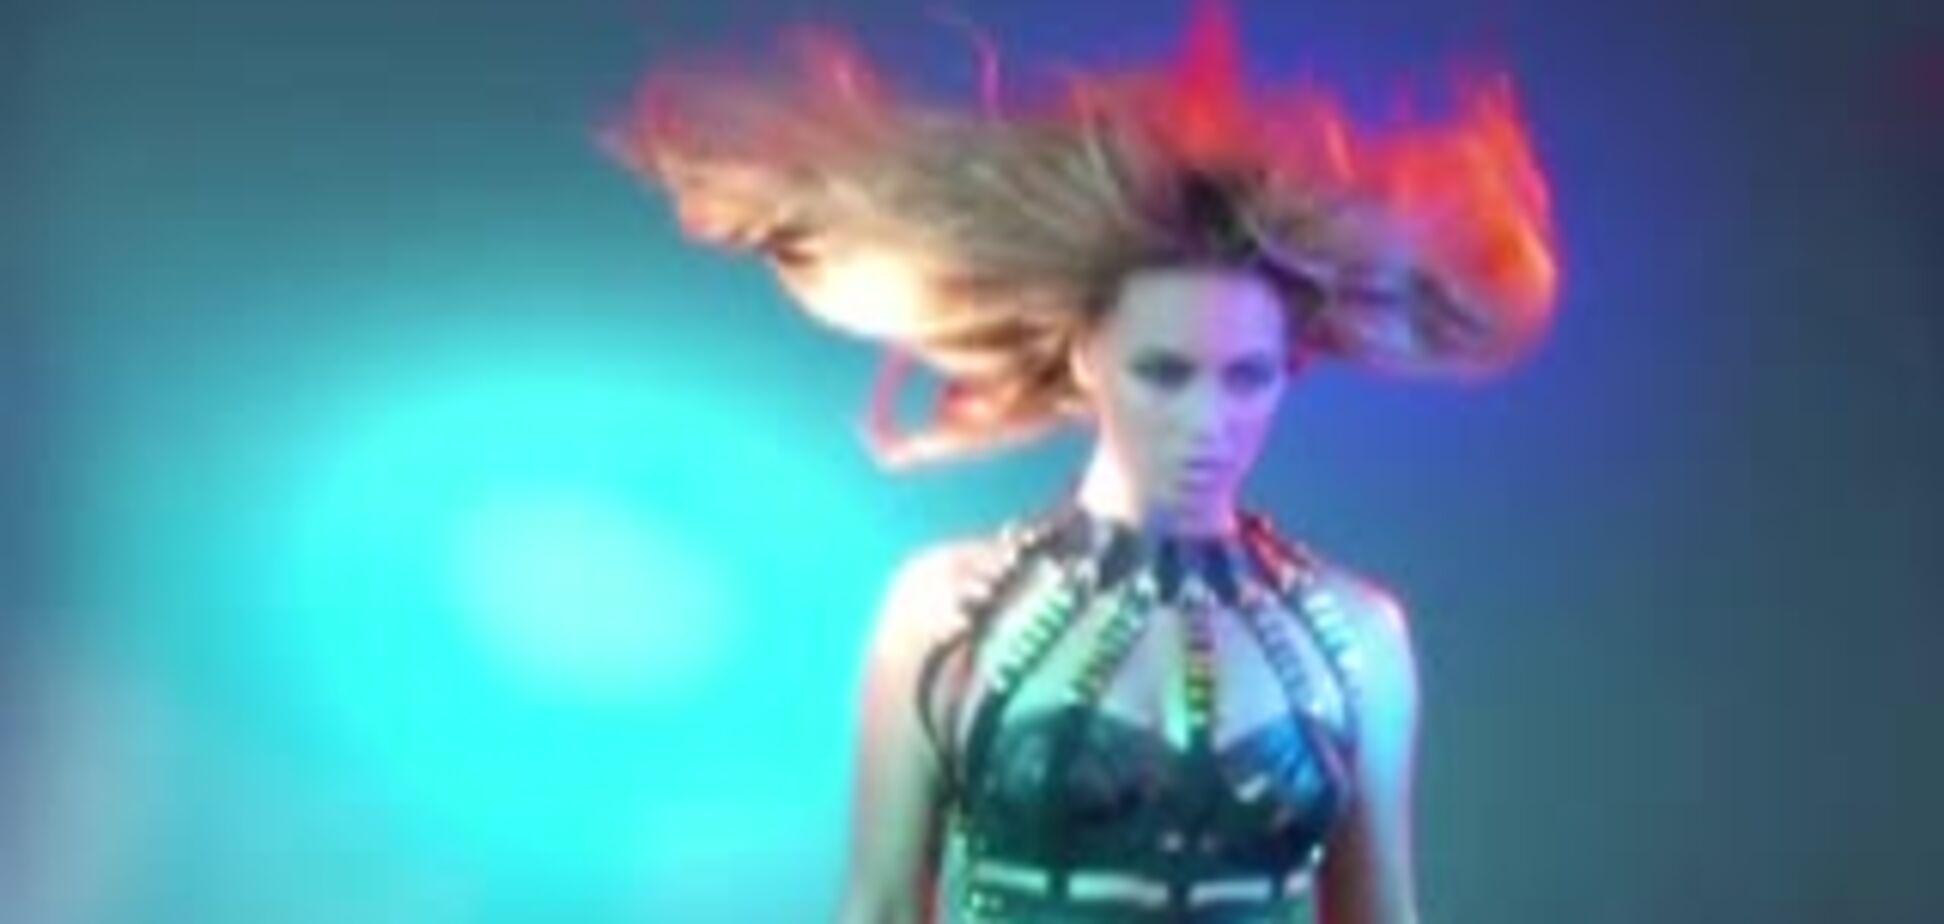 Соблазнительные танцы Бейонсе во время фотосессии для журнала